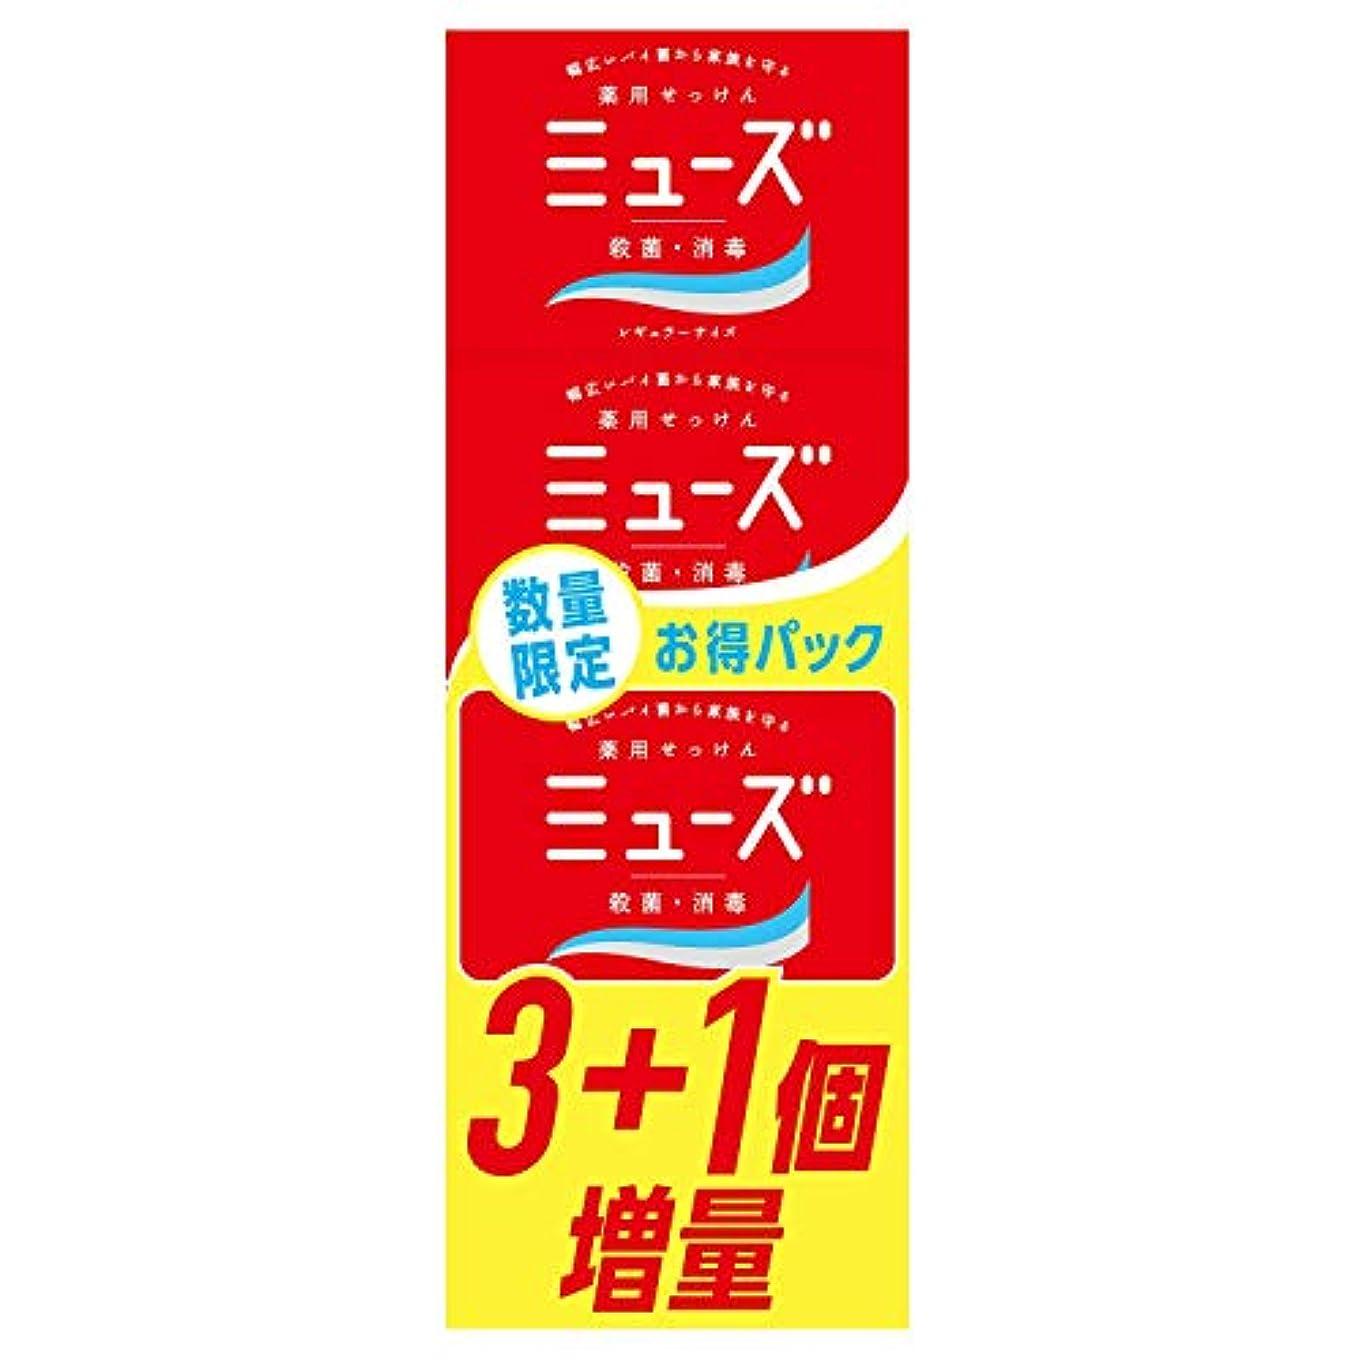 いたずらなハブブ決定的【医薬部外品】ミューズ石鹸レギュラー 3+1限定品